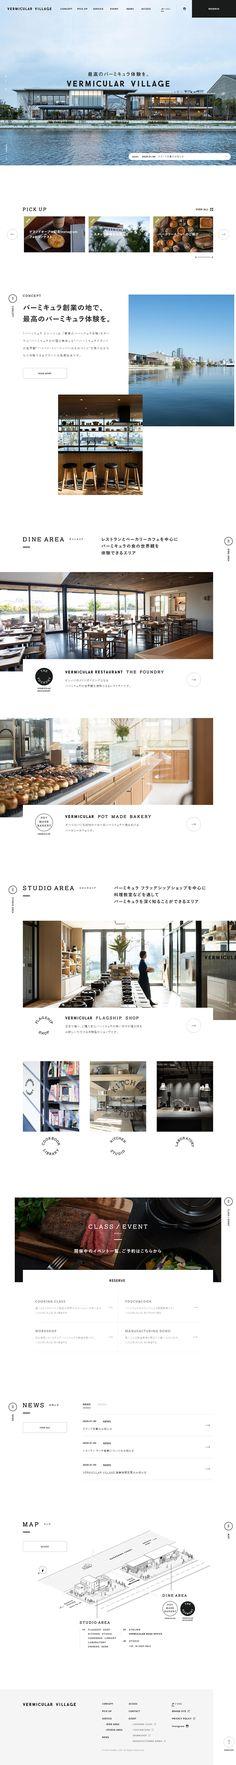 """Landing Page (LP) """"VermicularVillage"""" von Aichi Dobby Co. Ui Ux Design, Layout Design, Logo Design, Aichi, Web Design Websites, Ad Layout, Website Layout, Website Design Inspiration, Architecture"""